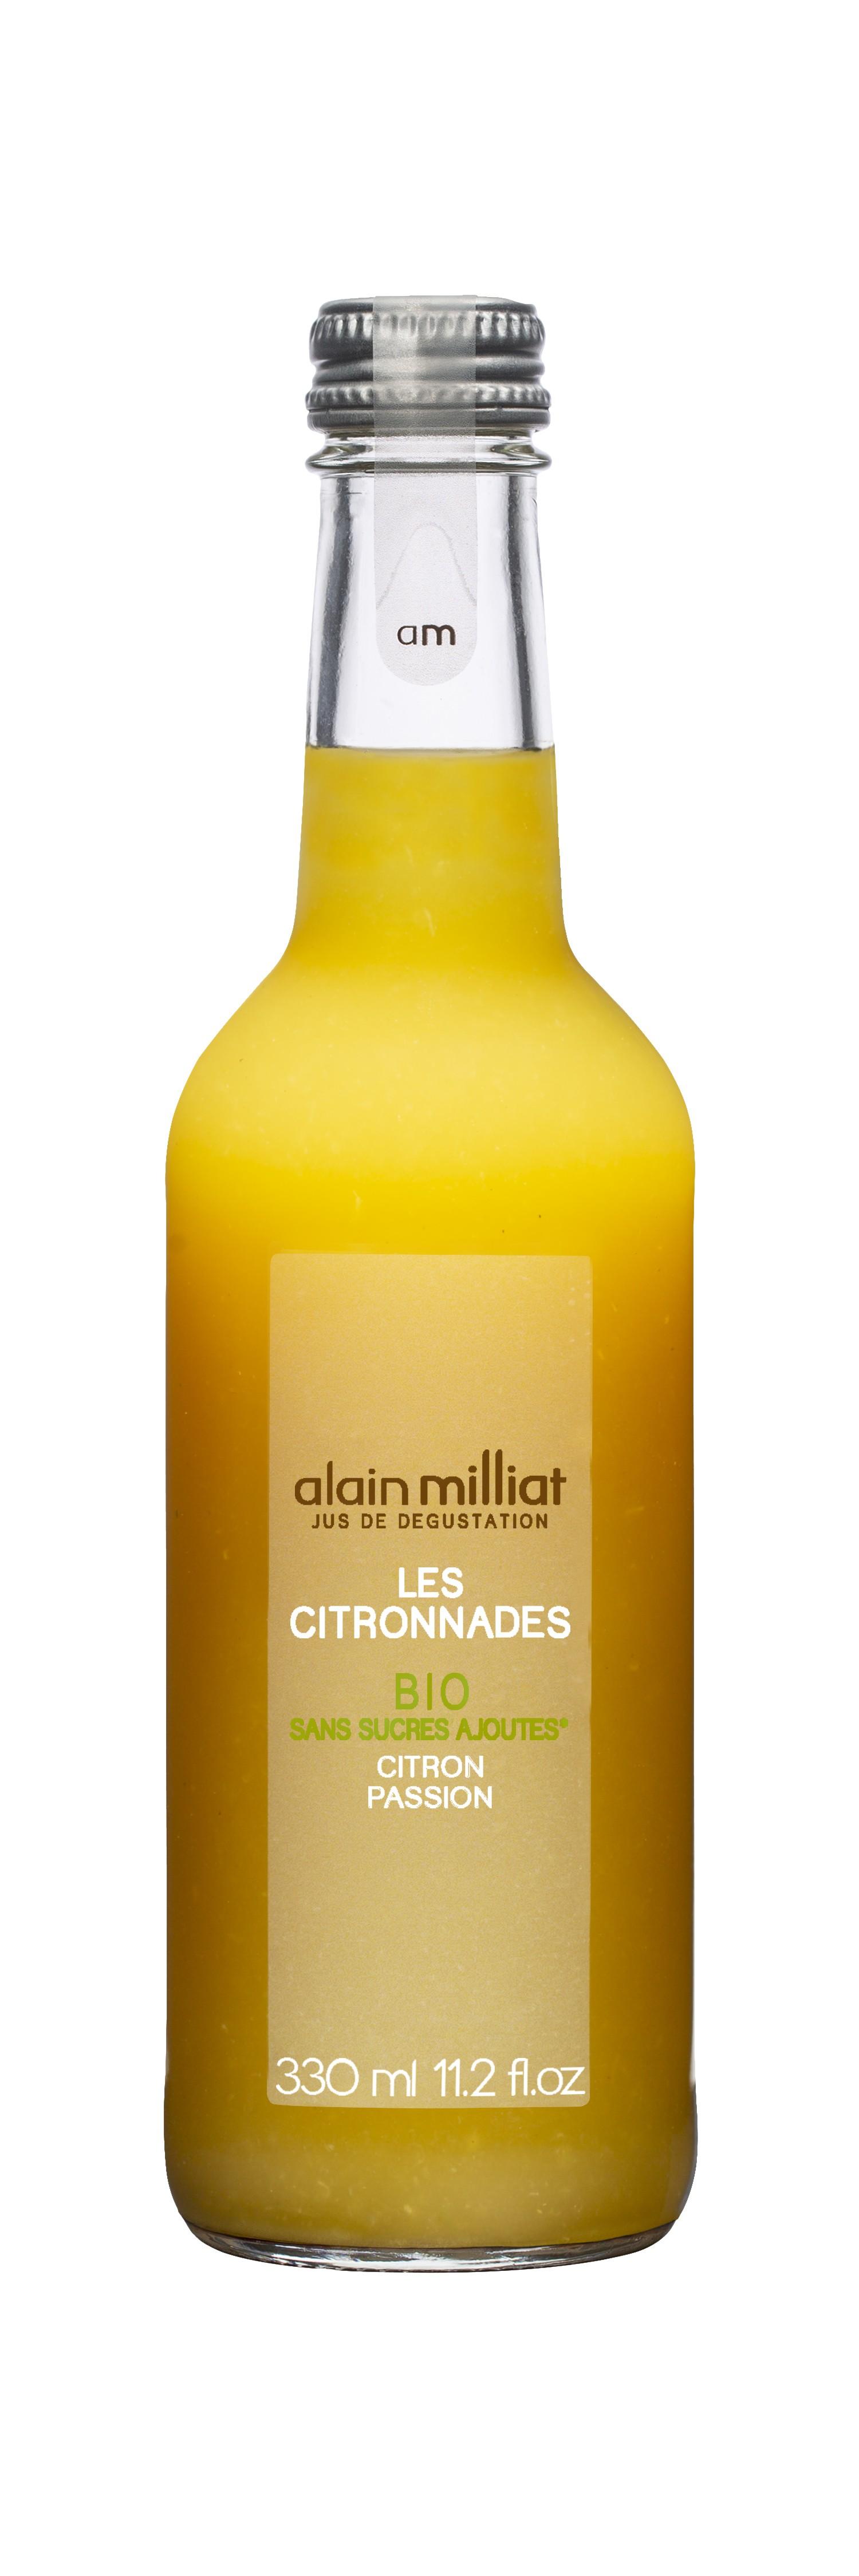 Citronnade Citron - Passion BIO, Alain Milliat (33 cl)